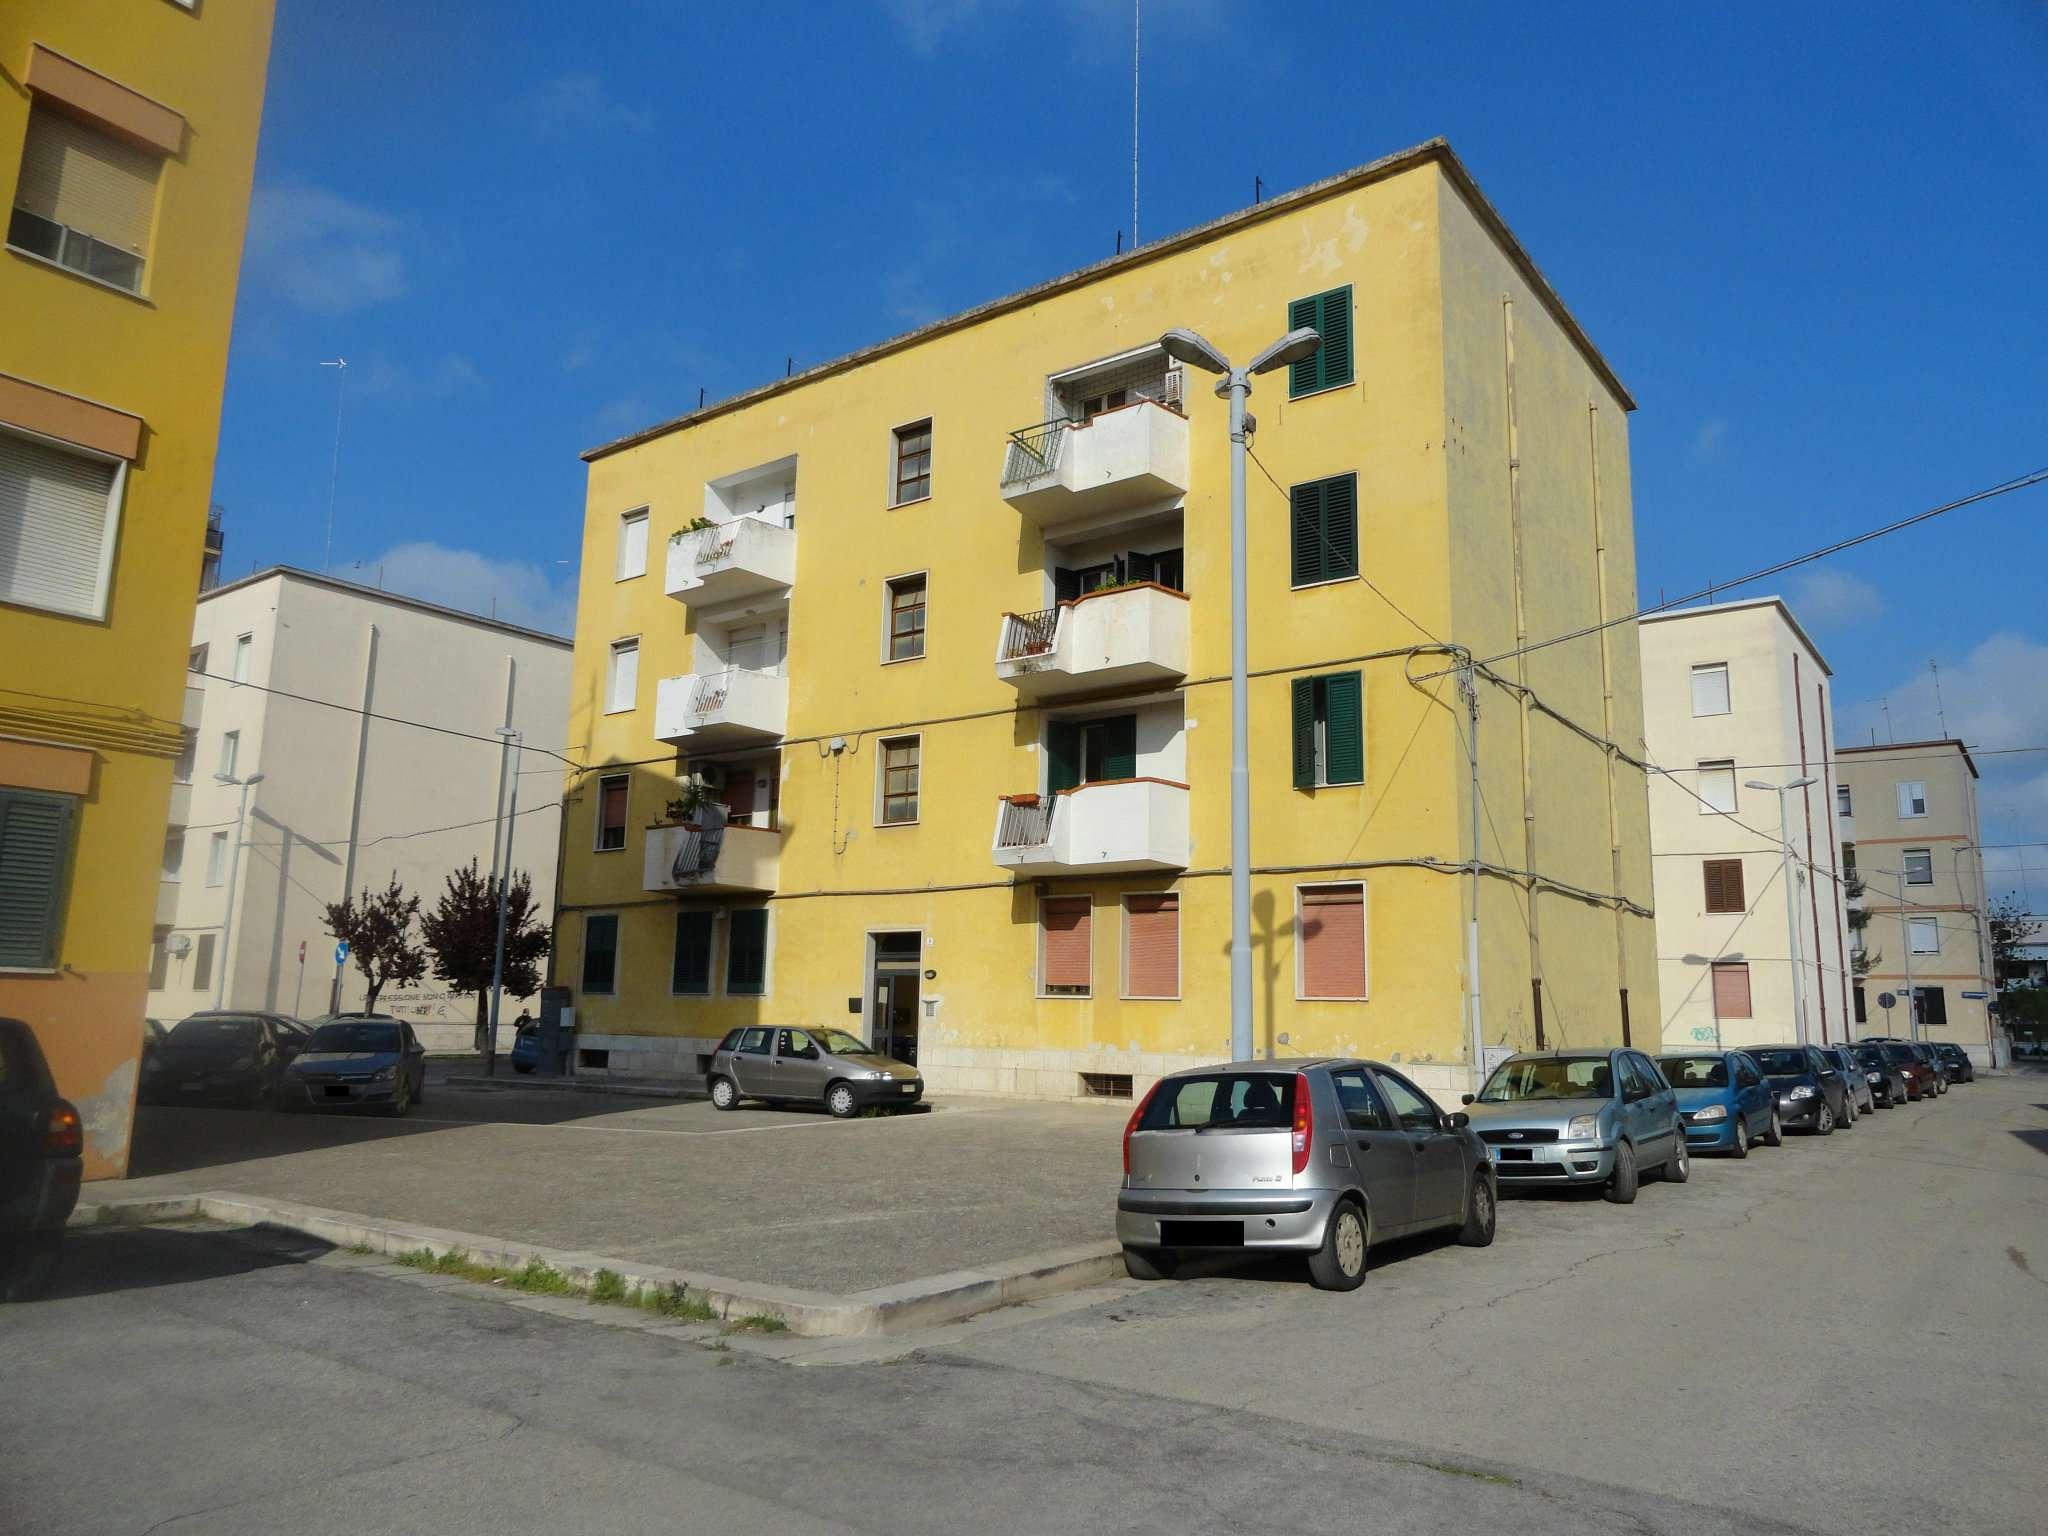 Appartamento in vendita a Andria, 9999 locali, prezzo € 108.000 | Cambio Casa.it